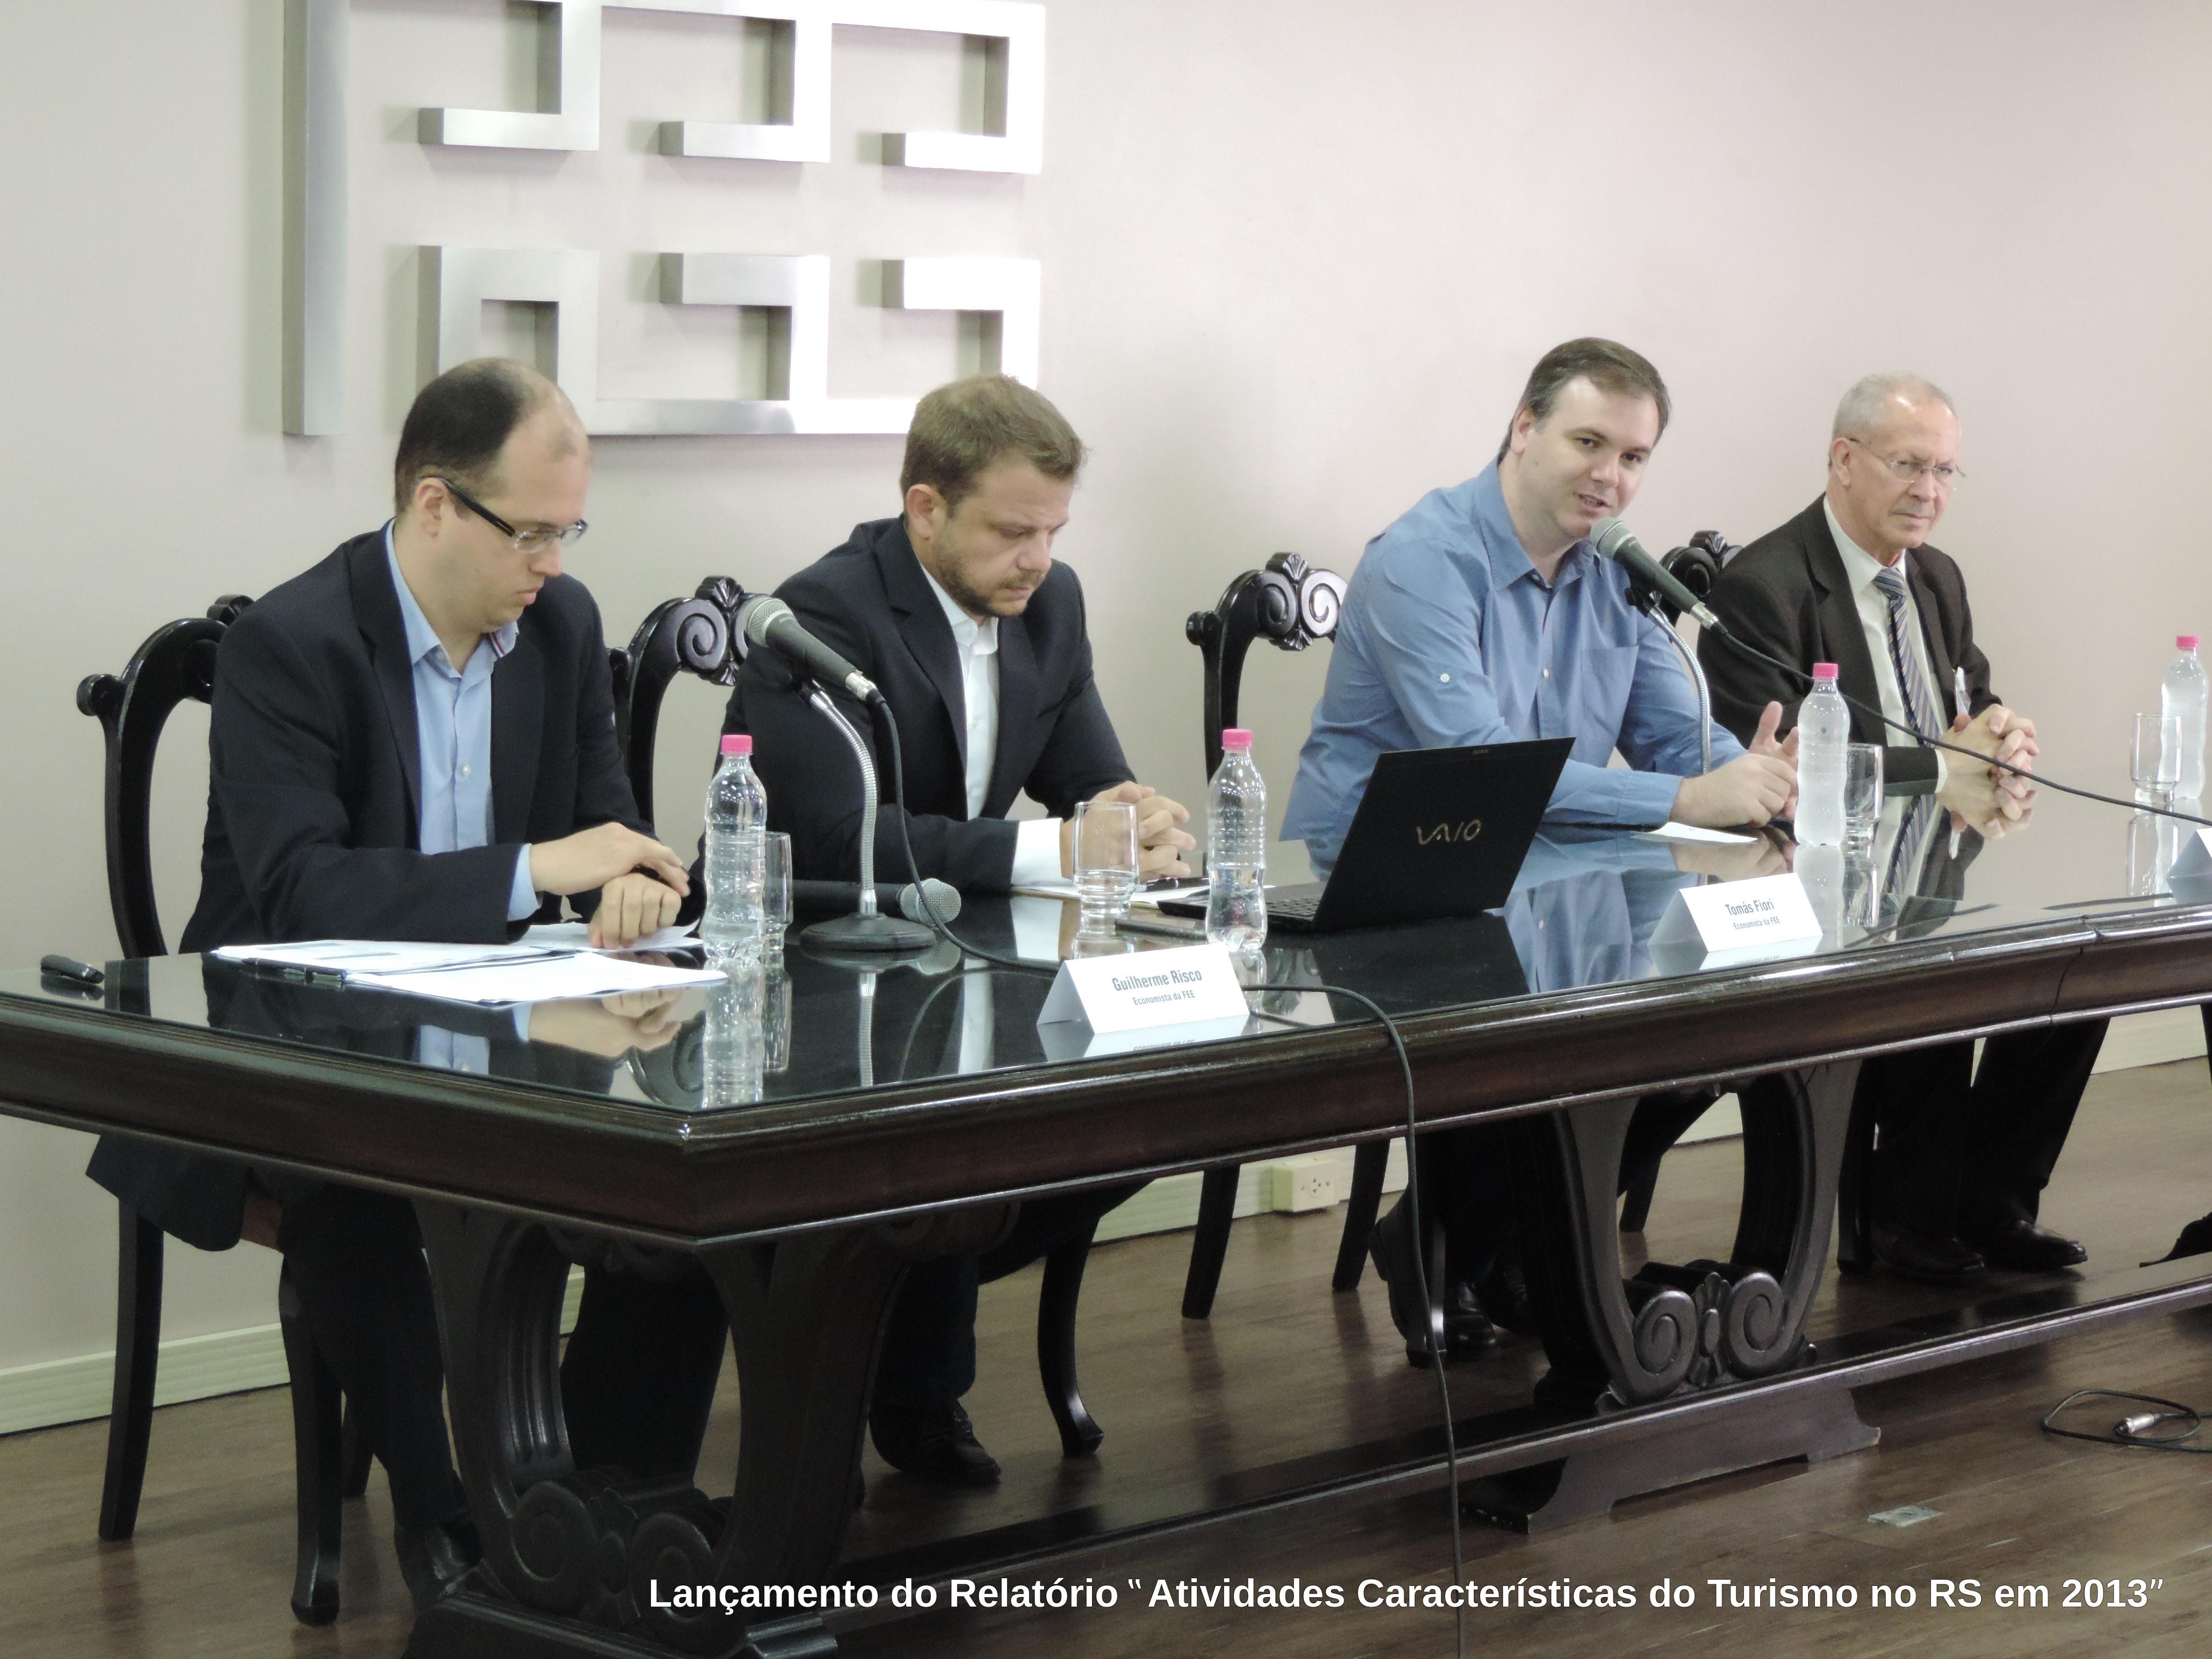 Diretor Técnico da FEE, Martinho Lazzari, dá início a mais um evento comemorativo do 43º aniversário FEE. Ao seu lado, economistas da FEE Guilherme Risco e Tomás Fiori. À esquerda, o Diretor Estadual de Turismo, Abdon Barreto Filho.